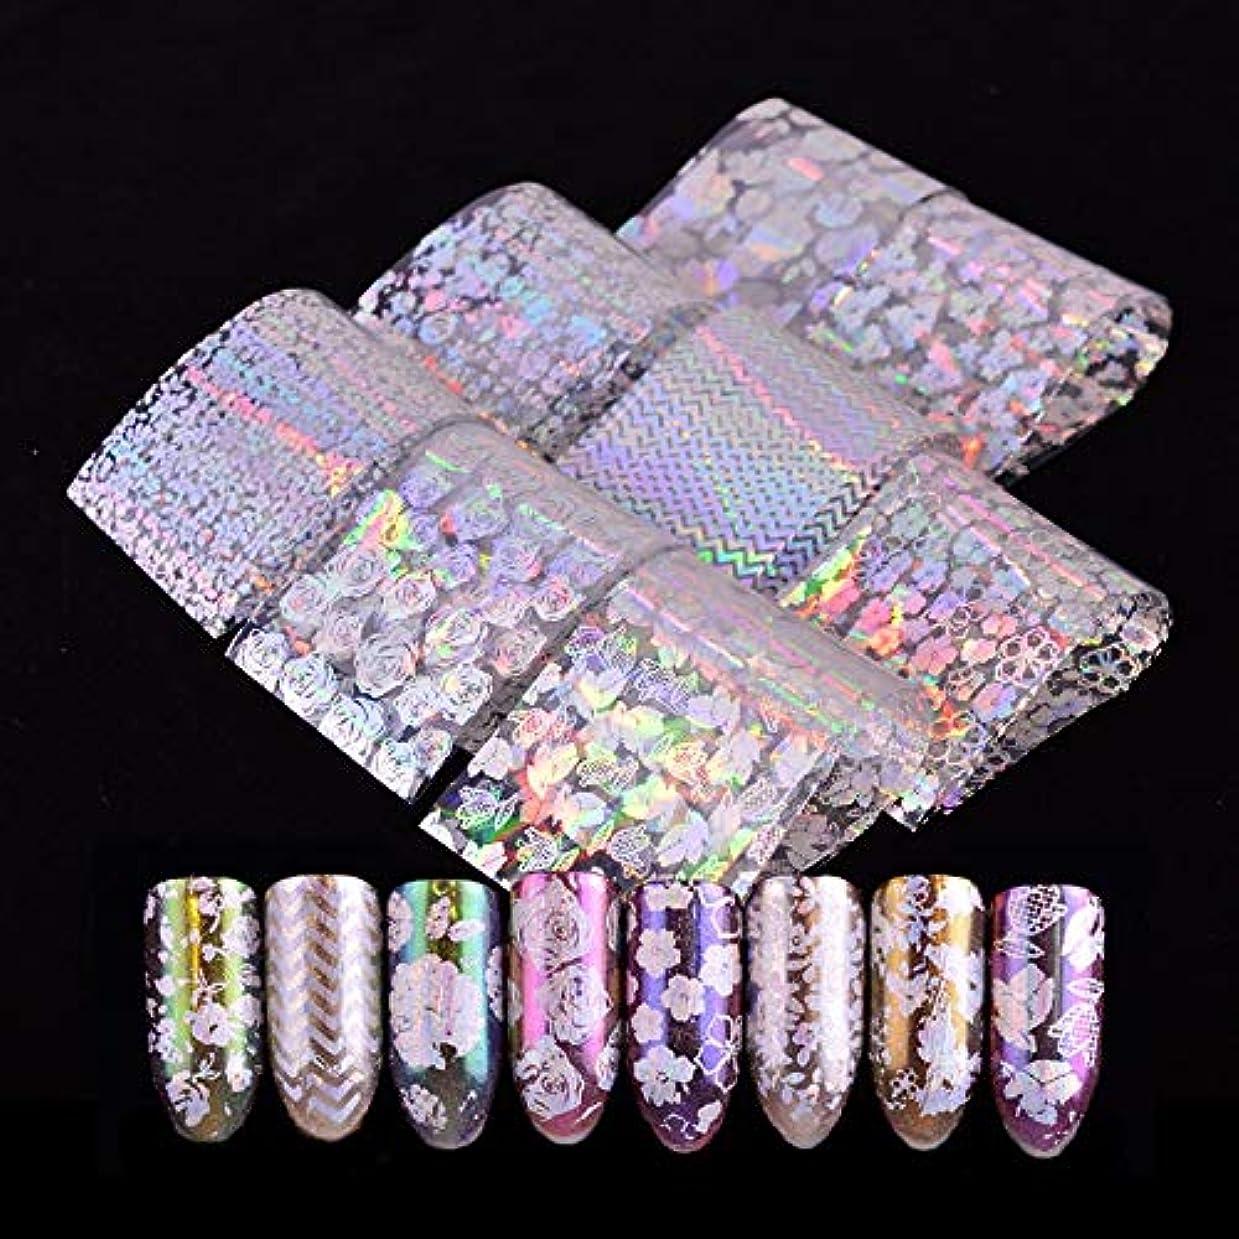 ペンダント球体影響8ピースレーザーネイルホイルホログラフィック転写アートステッカーカラーグラデーションフラワーローズデザイン透明なヒントの装飾マニキュアソルト